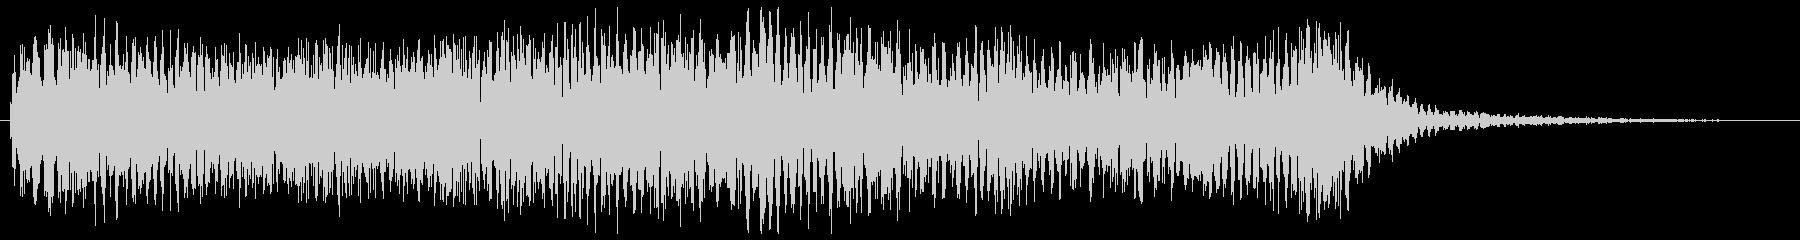 ニュース番組のオープニング等のシンセ音の未再生の波形